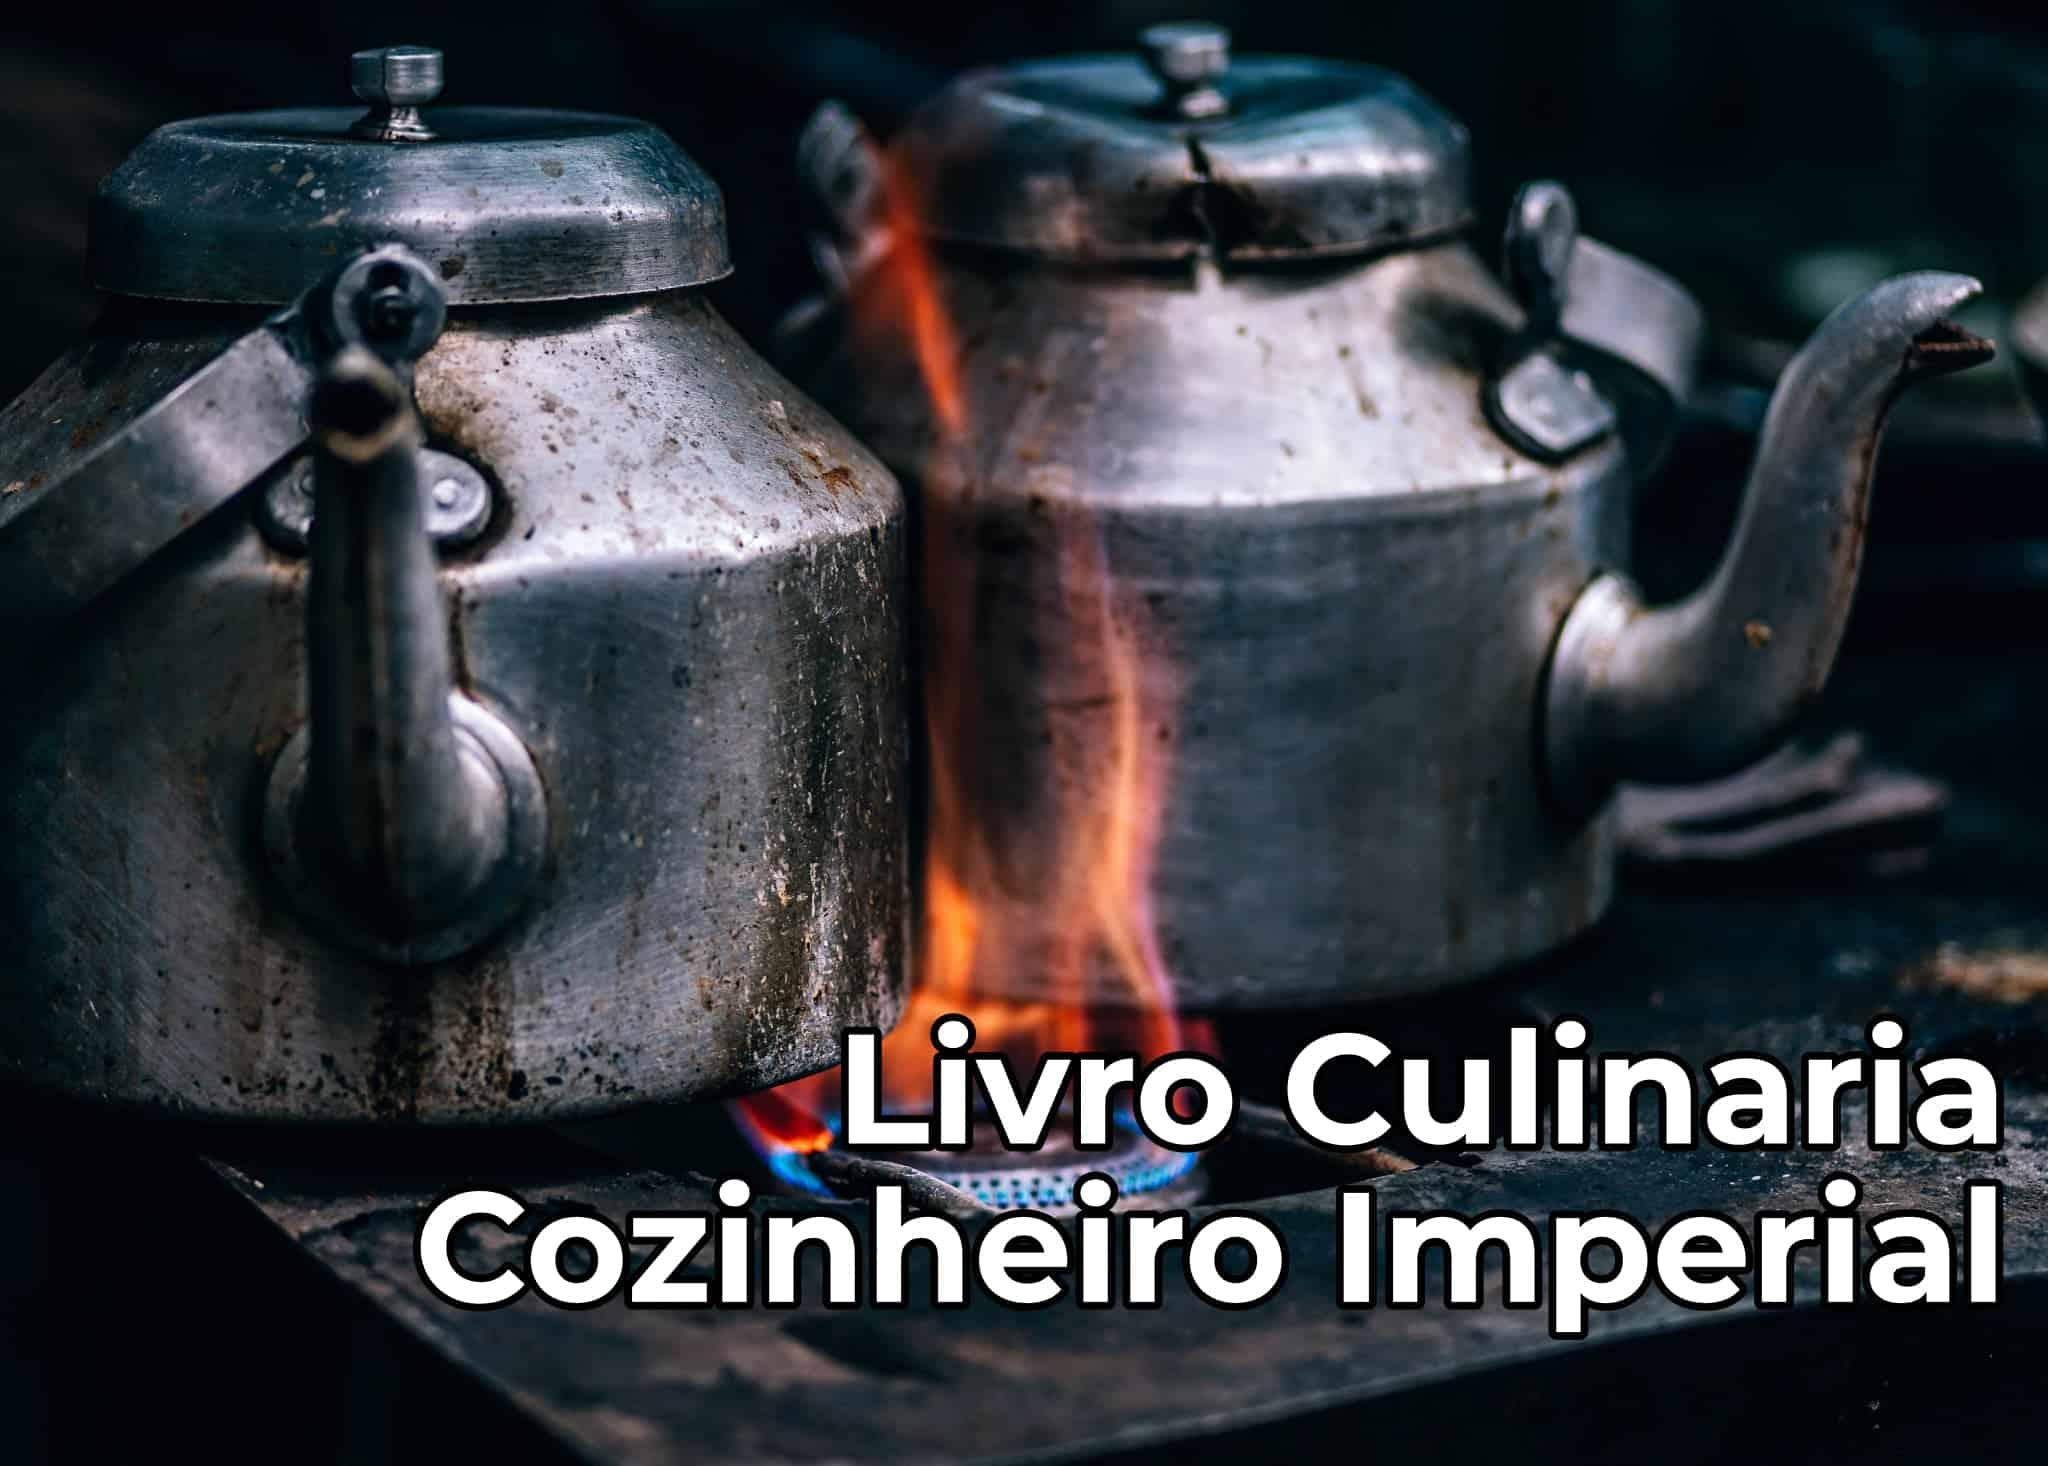 Cozinheiro-Imperial-1887